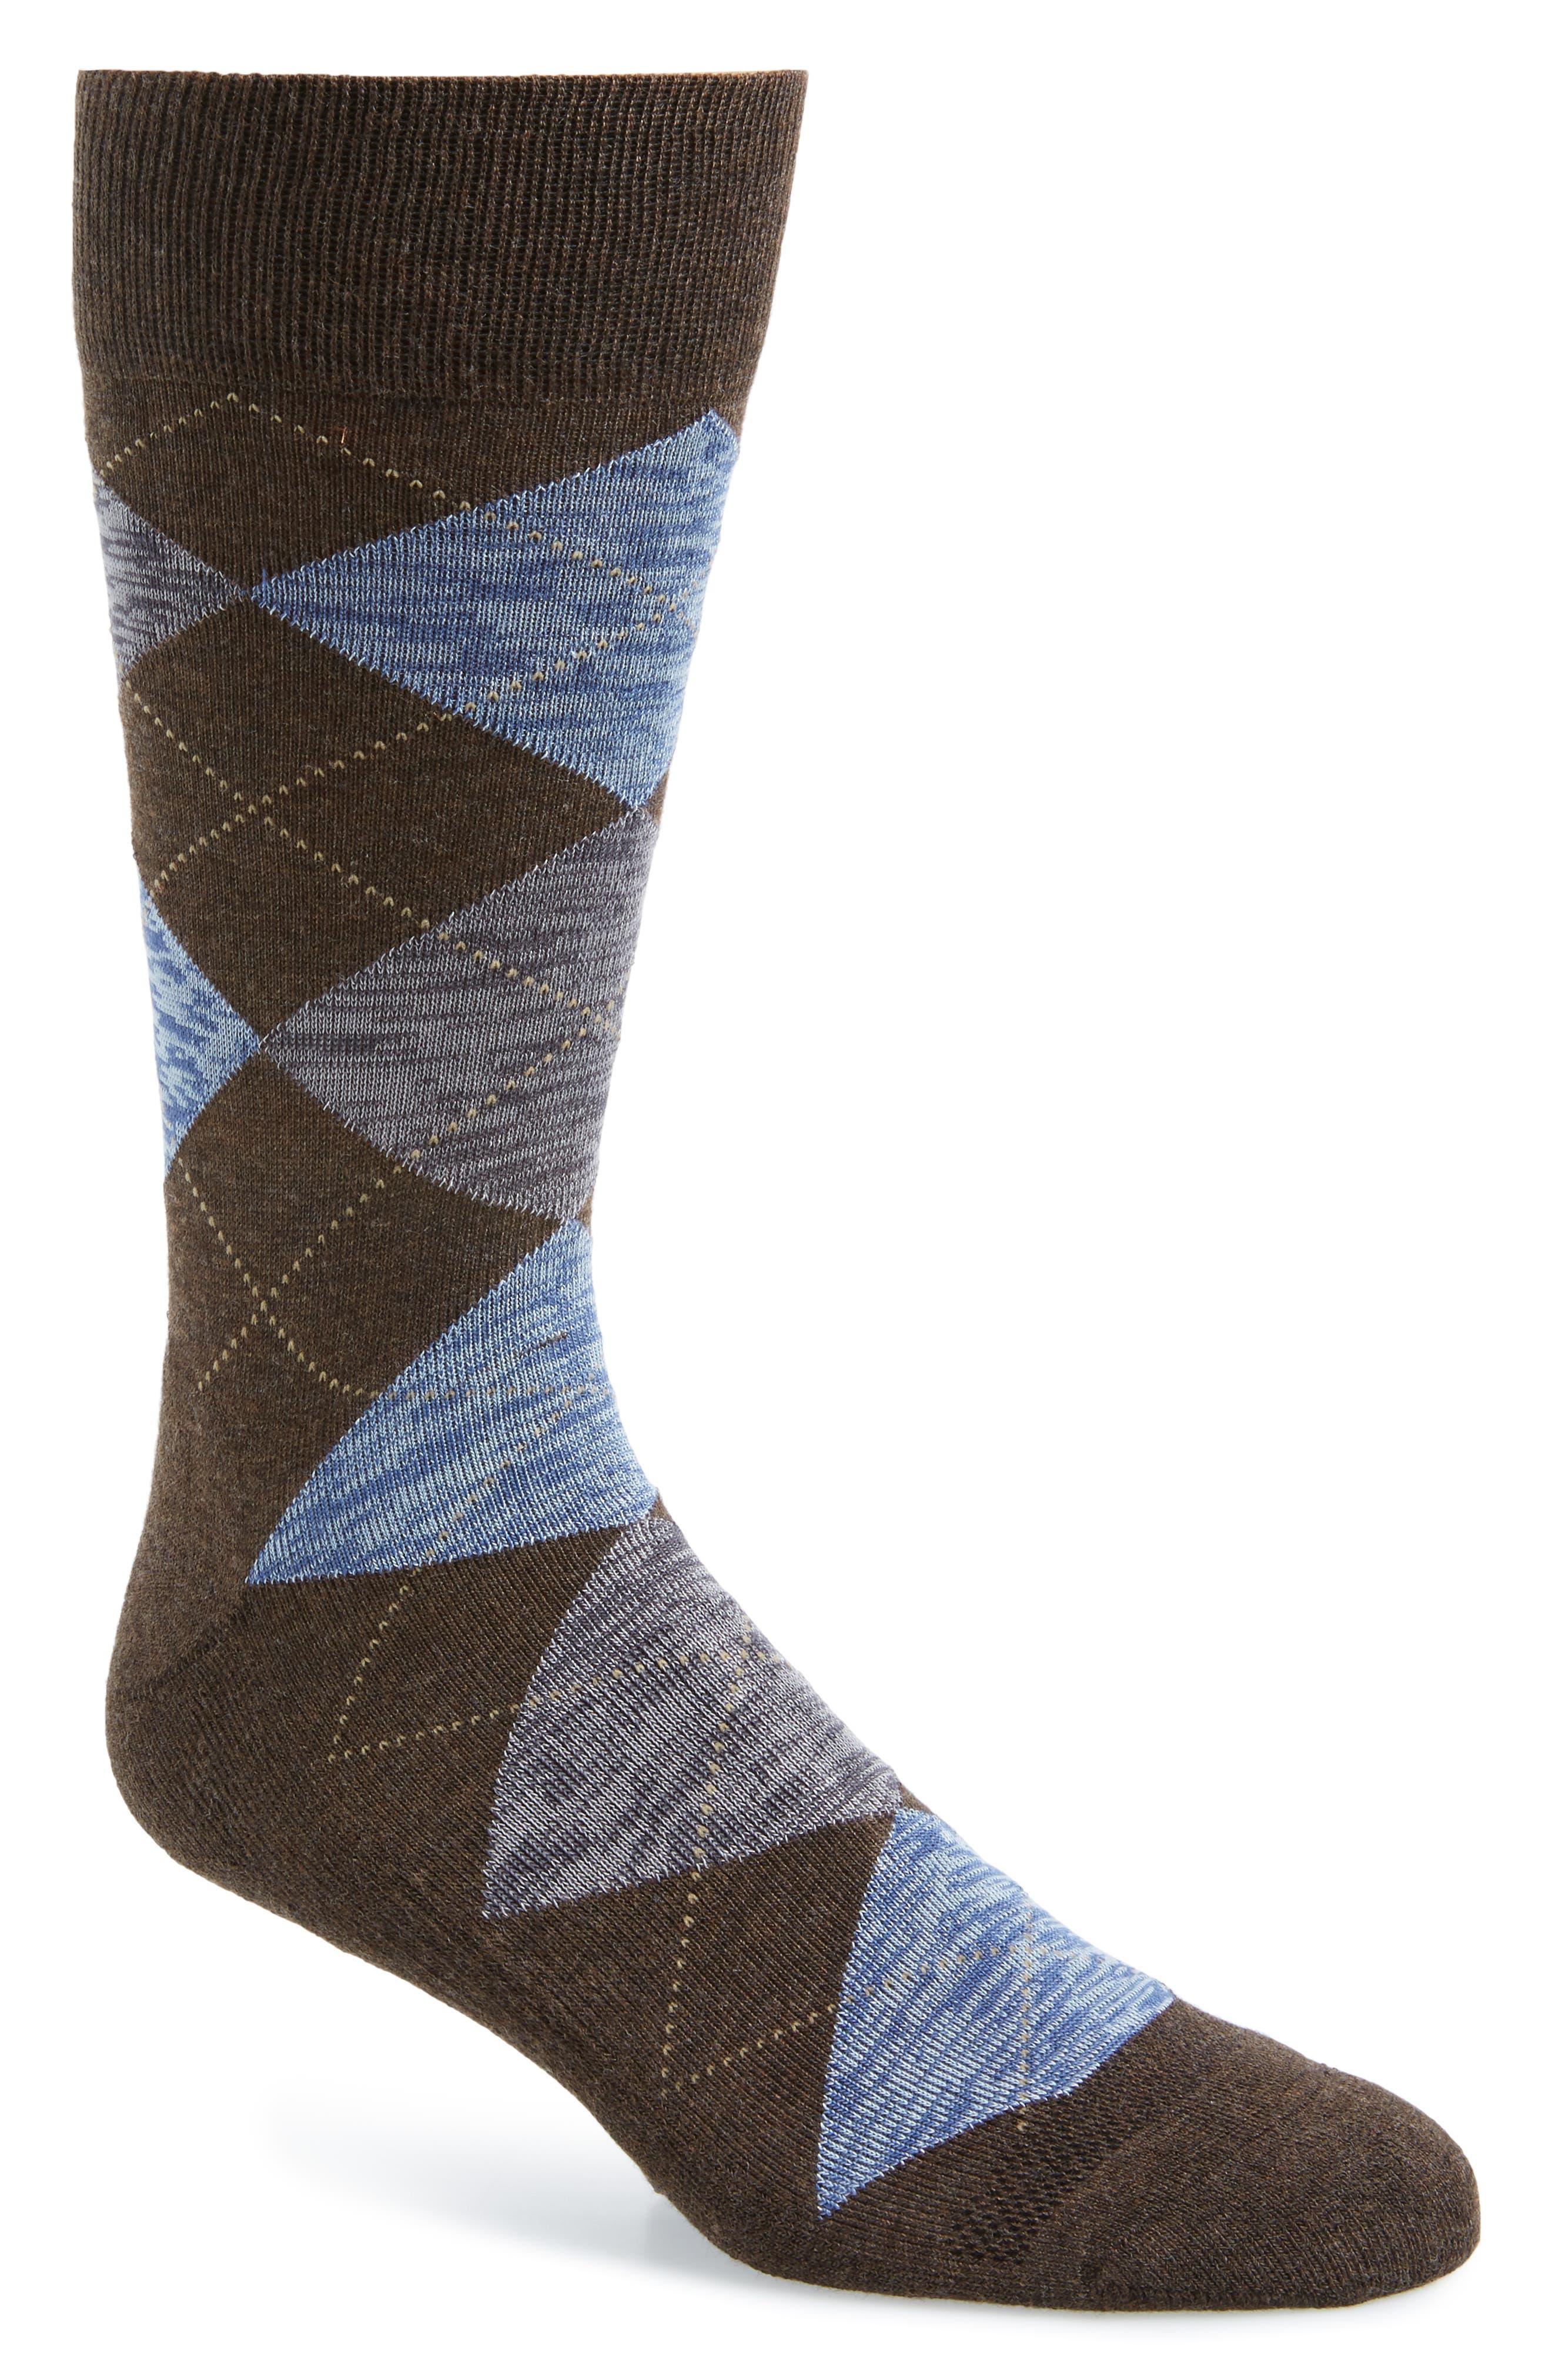 History of Vintage Men's Socks -1900 to 1960s Mens Nordstrom Mens Shop Marled Argyle Socks Size One Size - Brown $12.50 AT vintagedancer.com